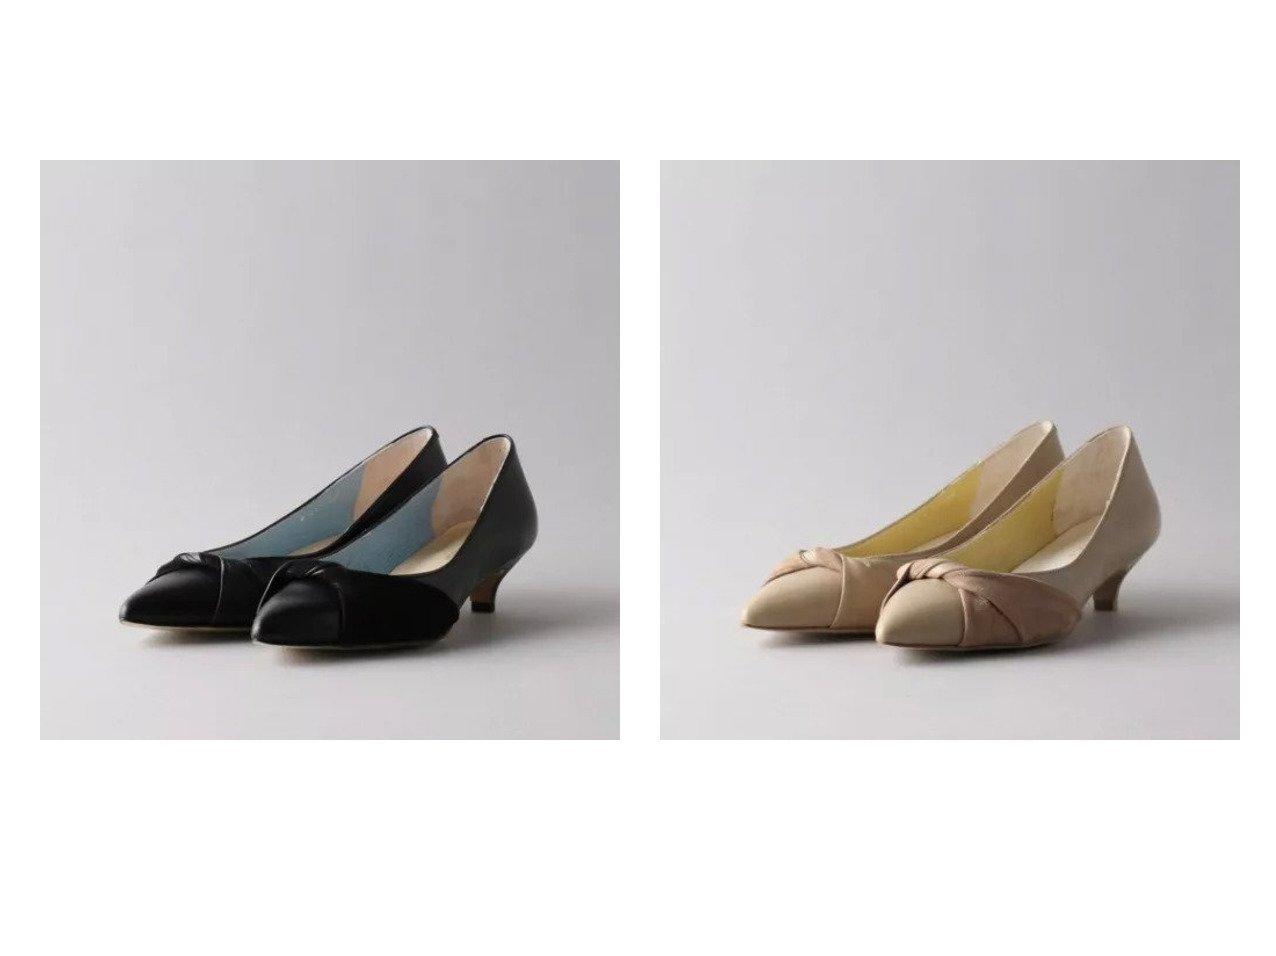 【Odette e Odile/オデット エ オディール】のOFD ツイストパターン パンプス35↓↑ 【シューズ・靴】おすすめ!人気、トレンド・レディースファッションの通販 おすすめで人気の流行・トレンド、ファッションの通販商品 メンズファッション・キッズファッション・インテリア・家具・レディースファッション・服の通販 founy(ファニー) https://founy.com/ ファッション Fashion レディースファッション WOMEN コンビ シューズ ツイスト パターン  ID:crp329100000025459